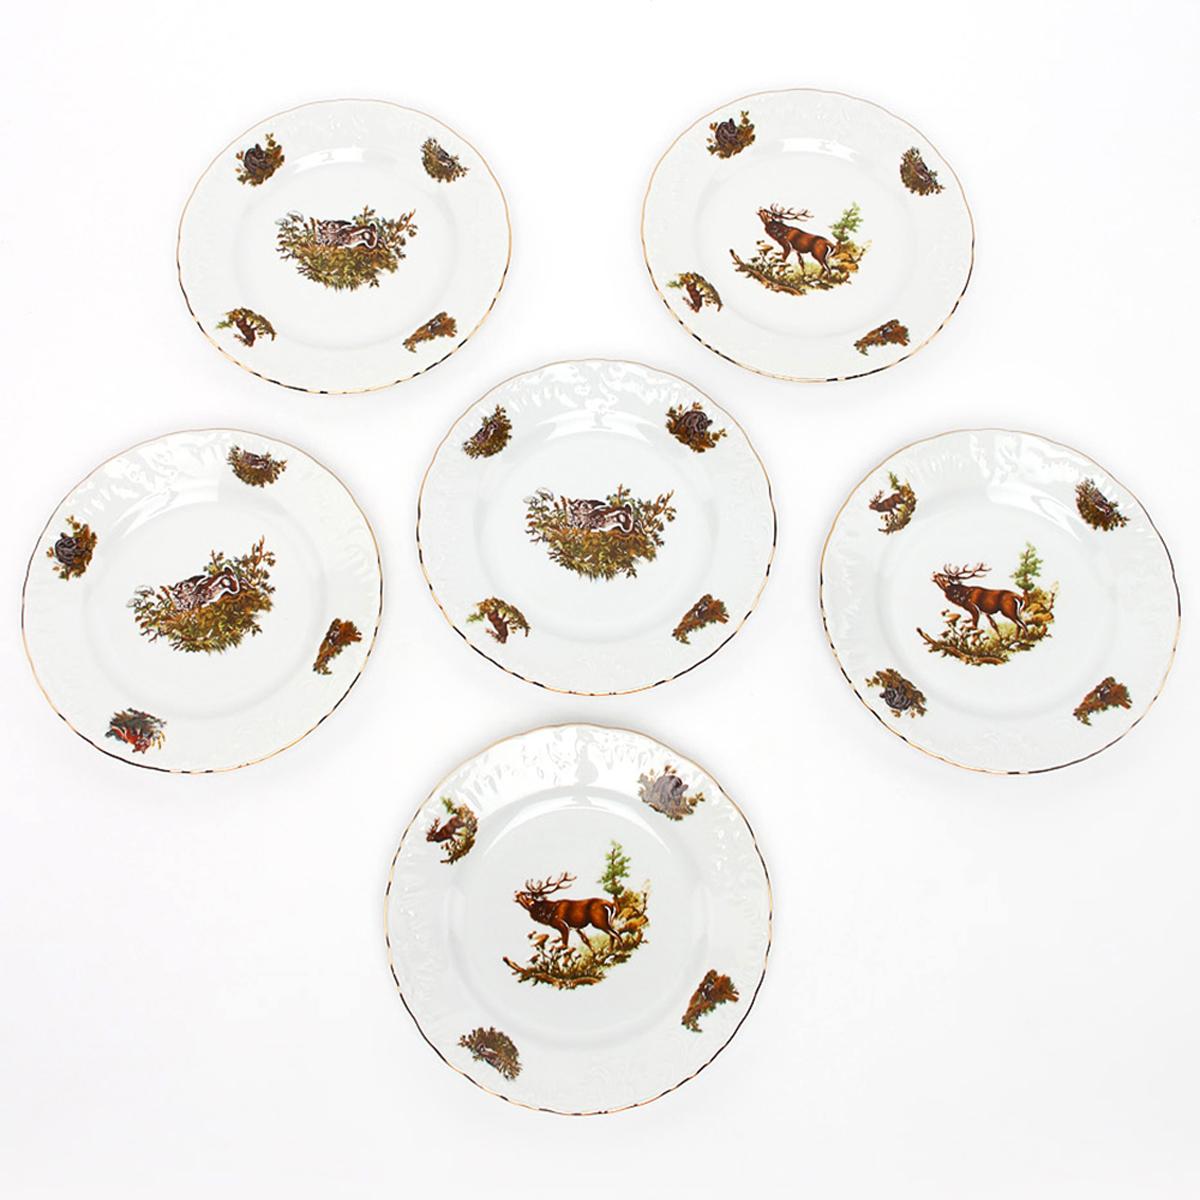 Фото - Тарелка десертная Cmielow Rococo. Охота, диаметр 19 см тарелка десертная cmielow rococo диаметр 17 см